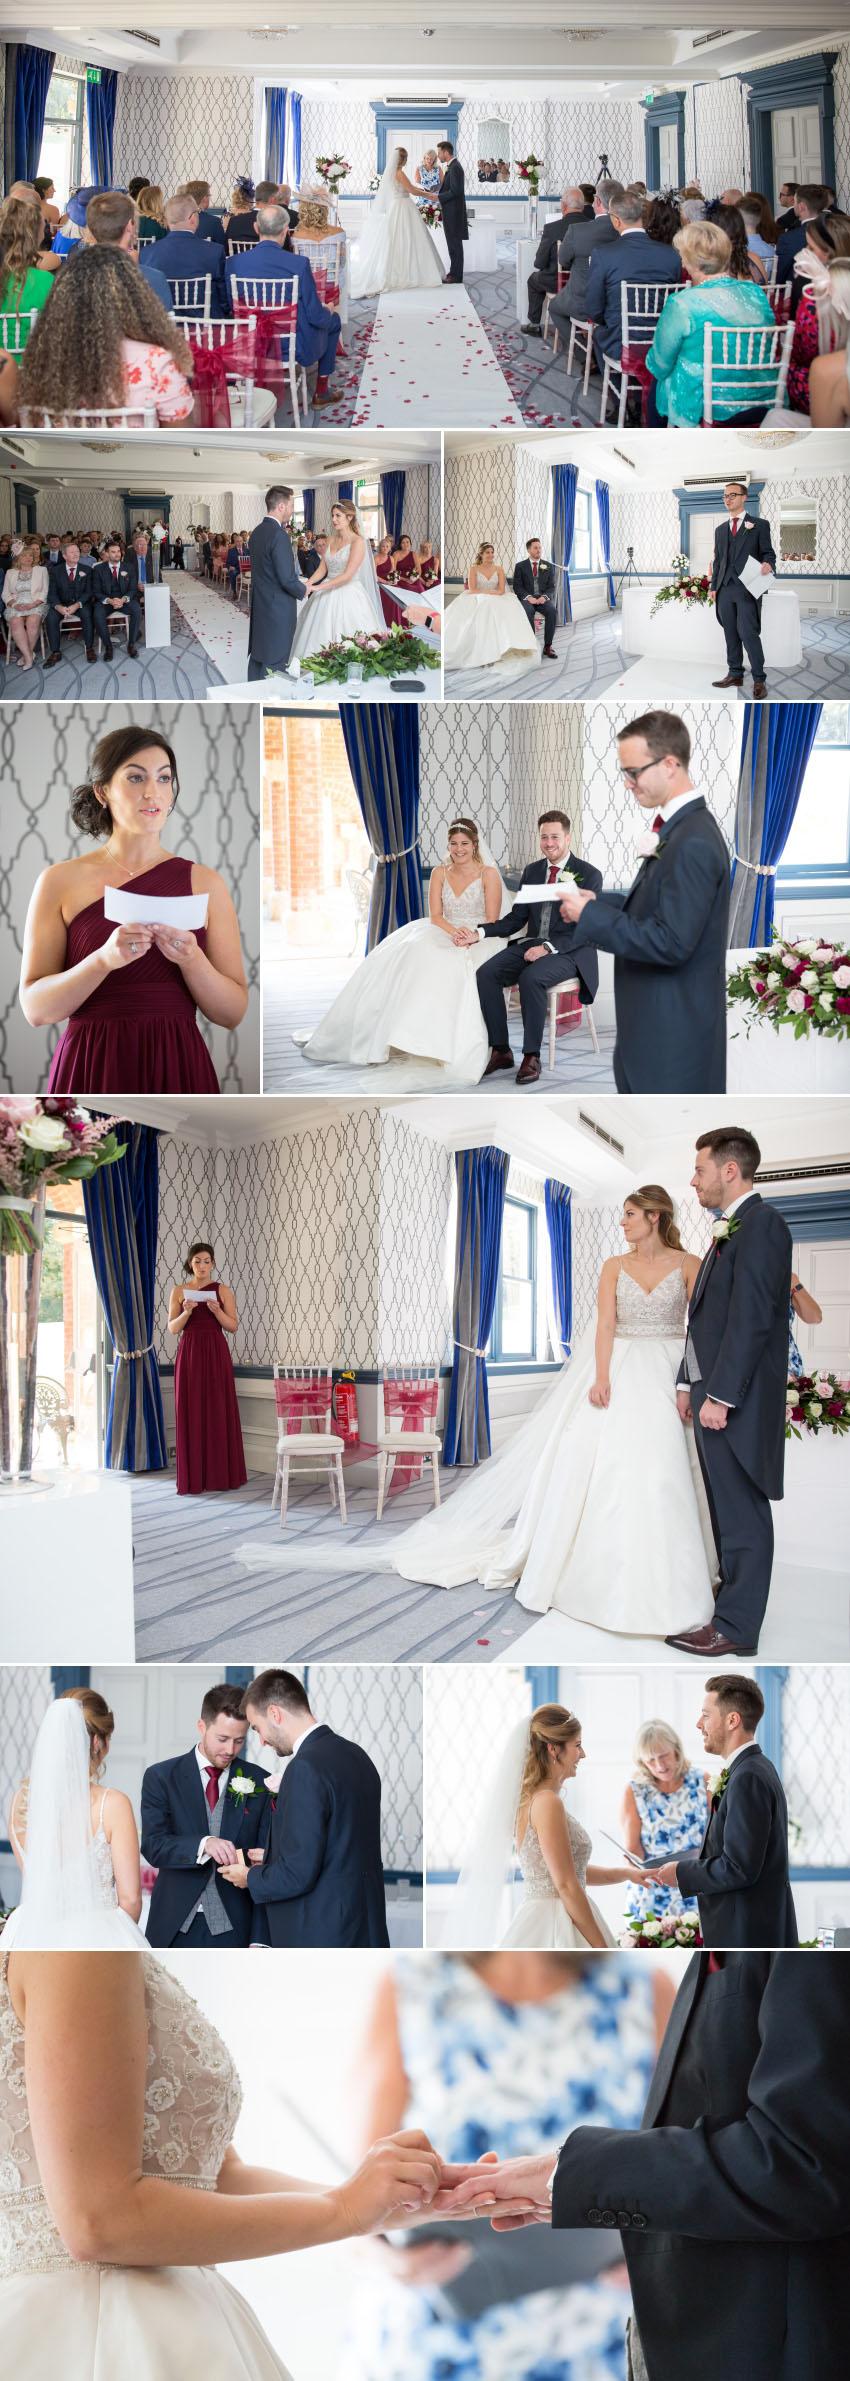 09_Pendley Manor wedding photography